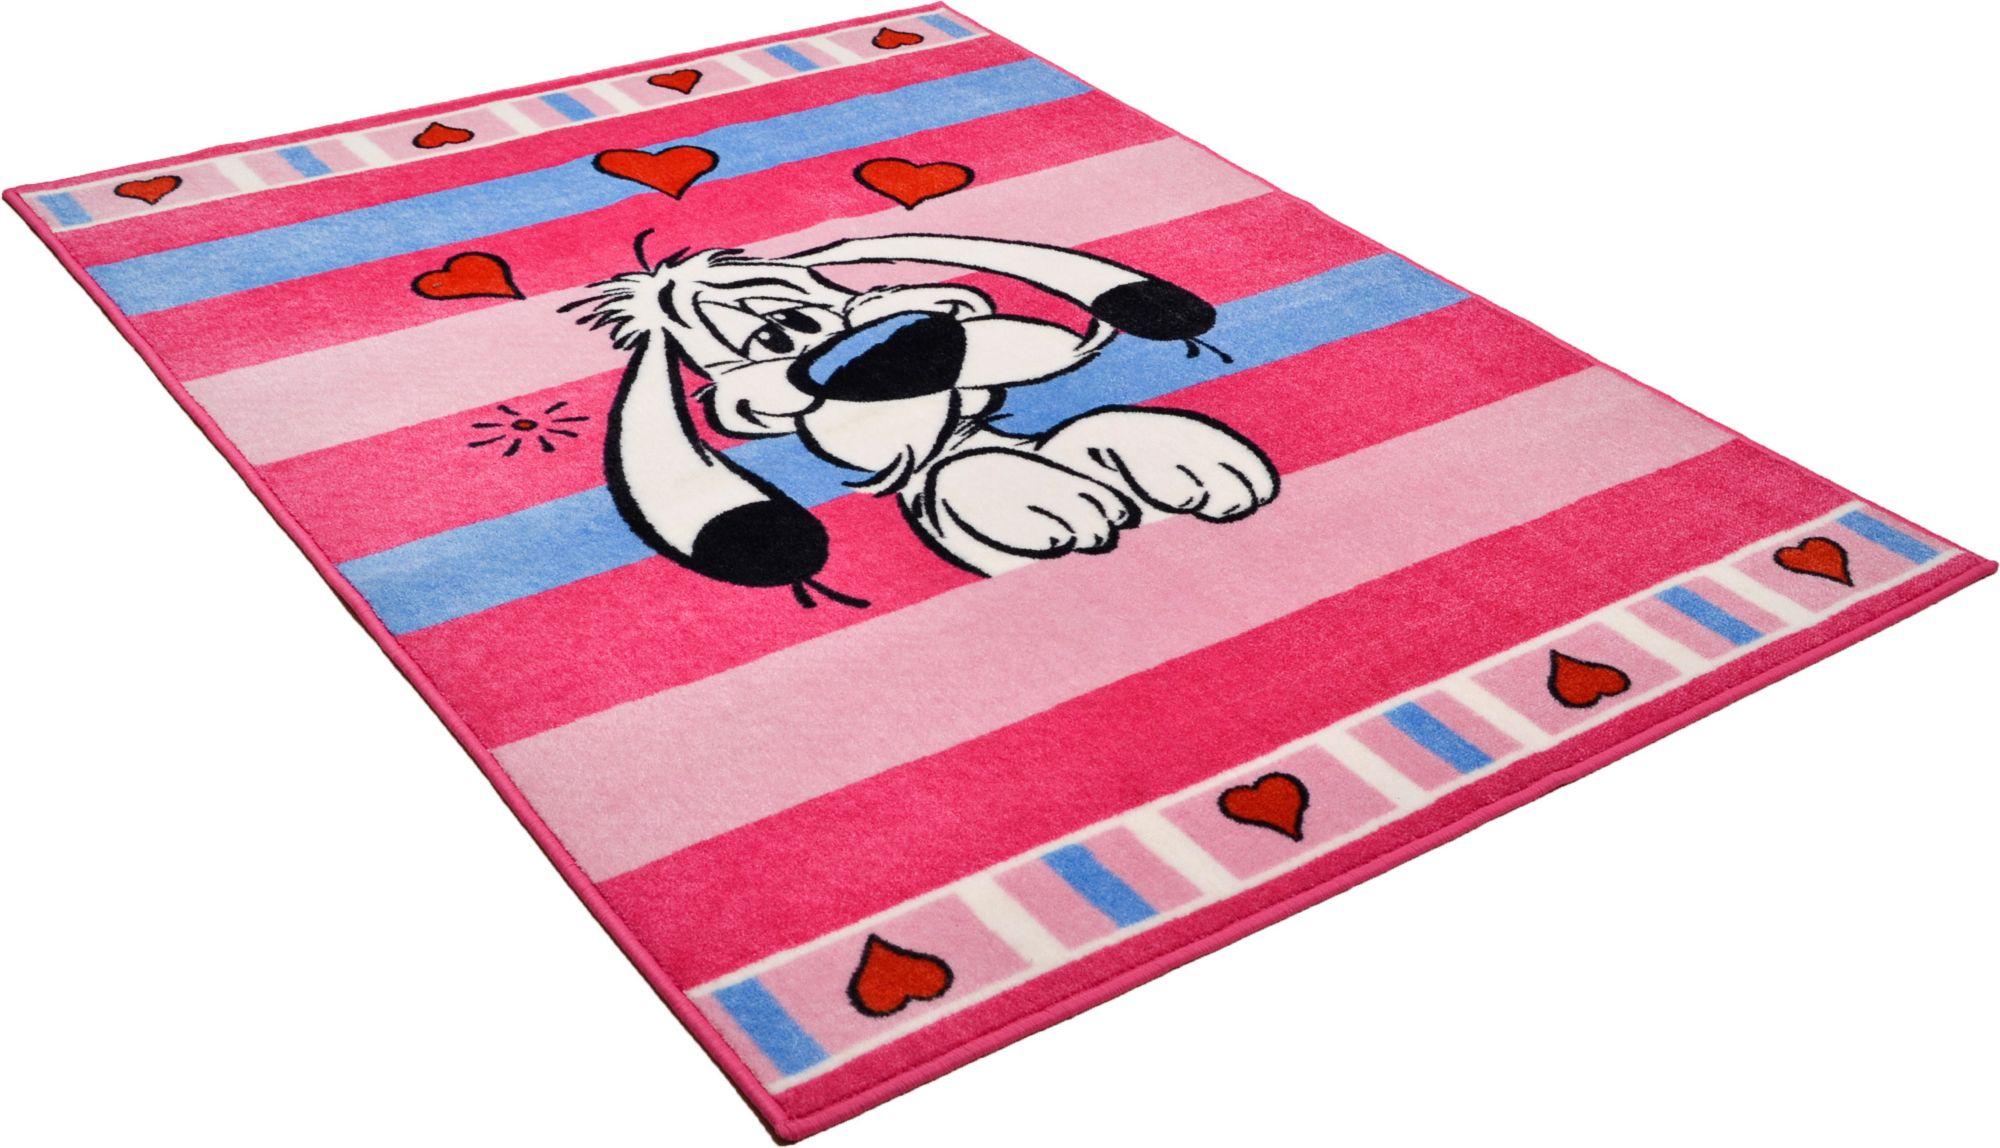 ASTERIX Kinder-Teppich, Asterix, »Der träumende Idefix«